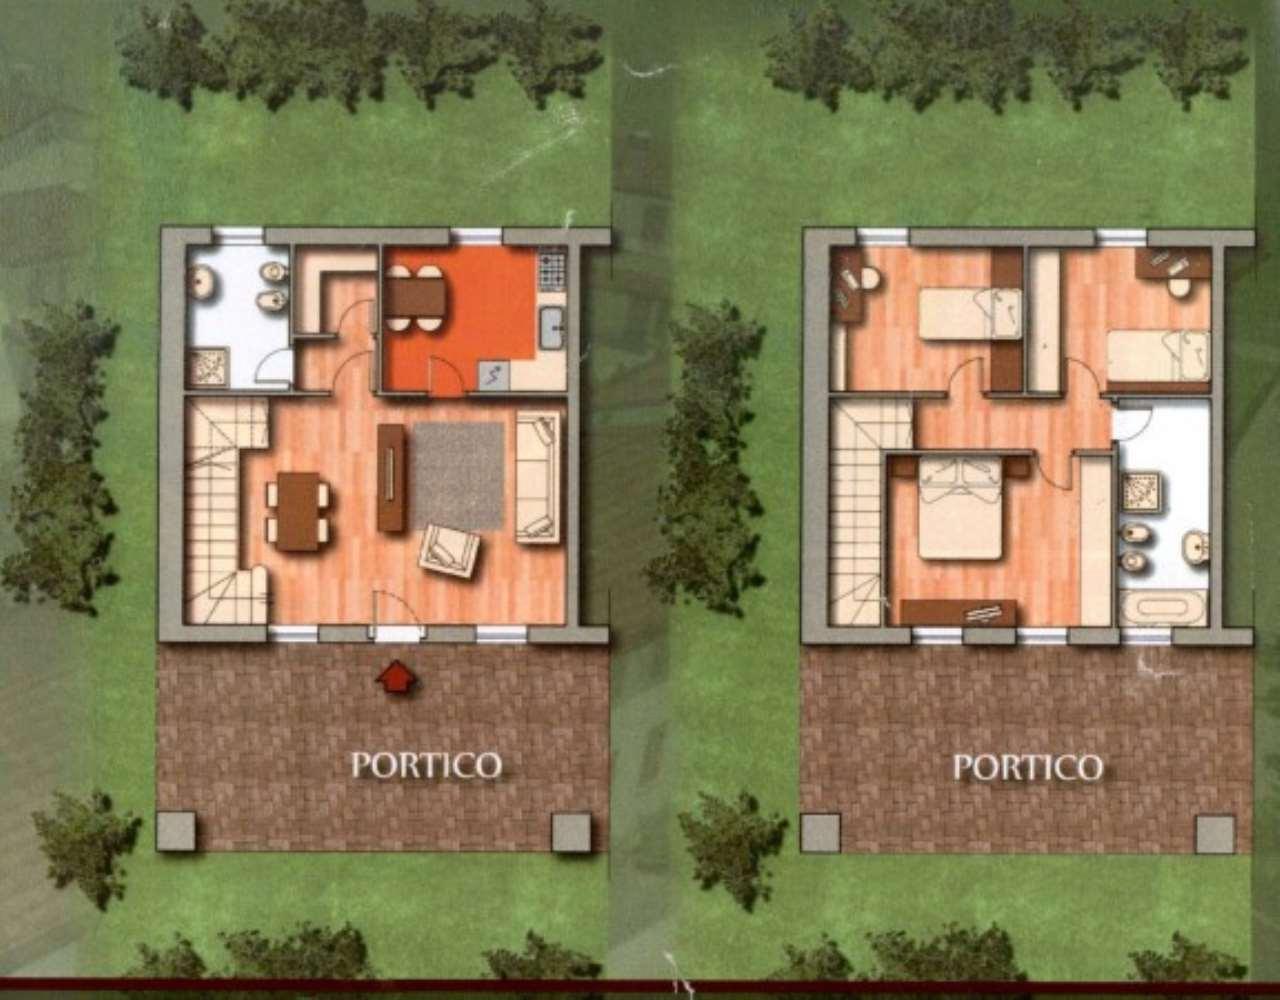 Villa in vendita a San Martino Siccomario, 9999 locali, prezzo € 163.500   Cambio Casa.it